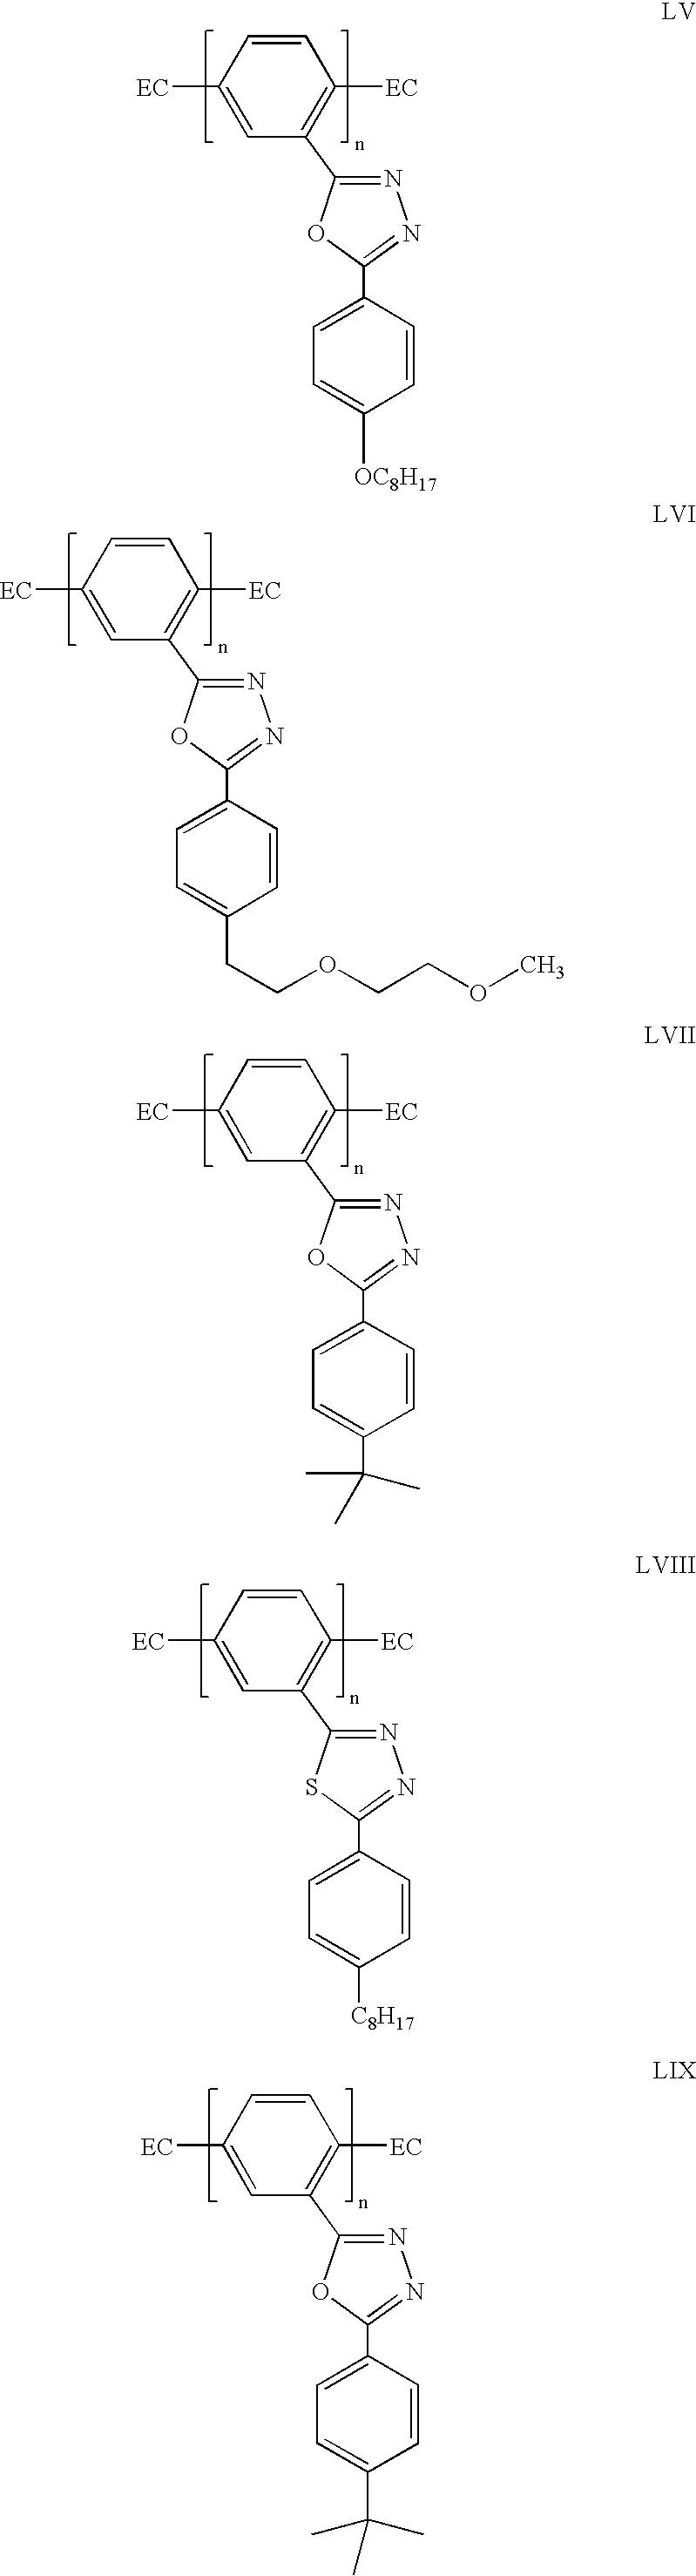 Figure US20040062930A1-20040401-C00014